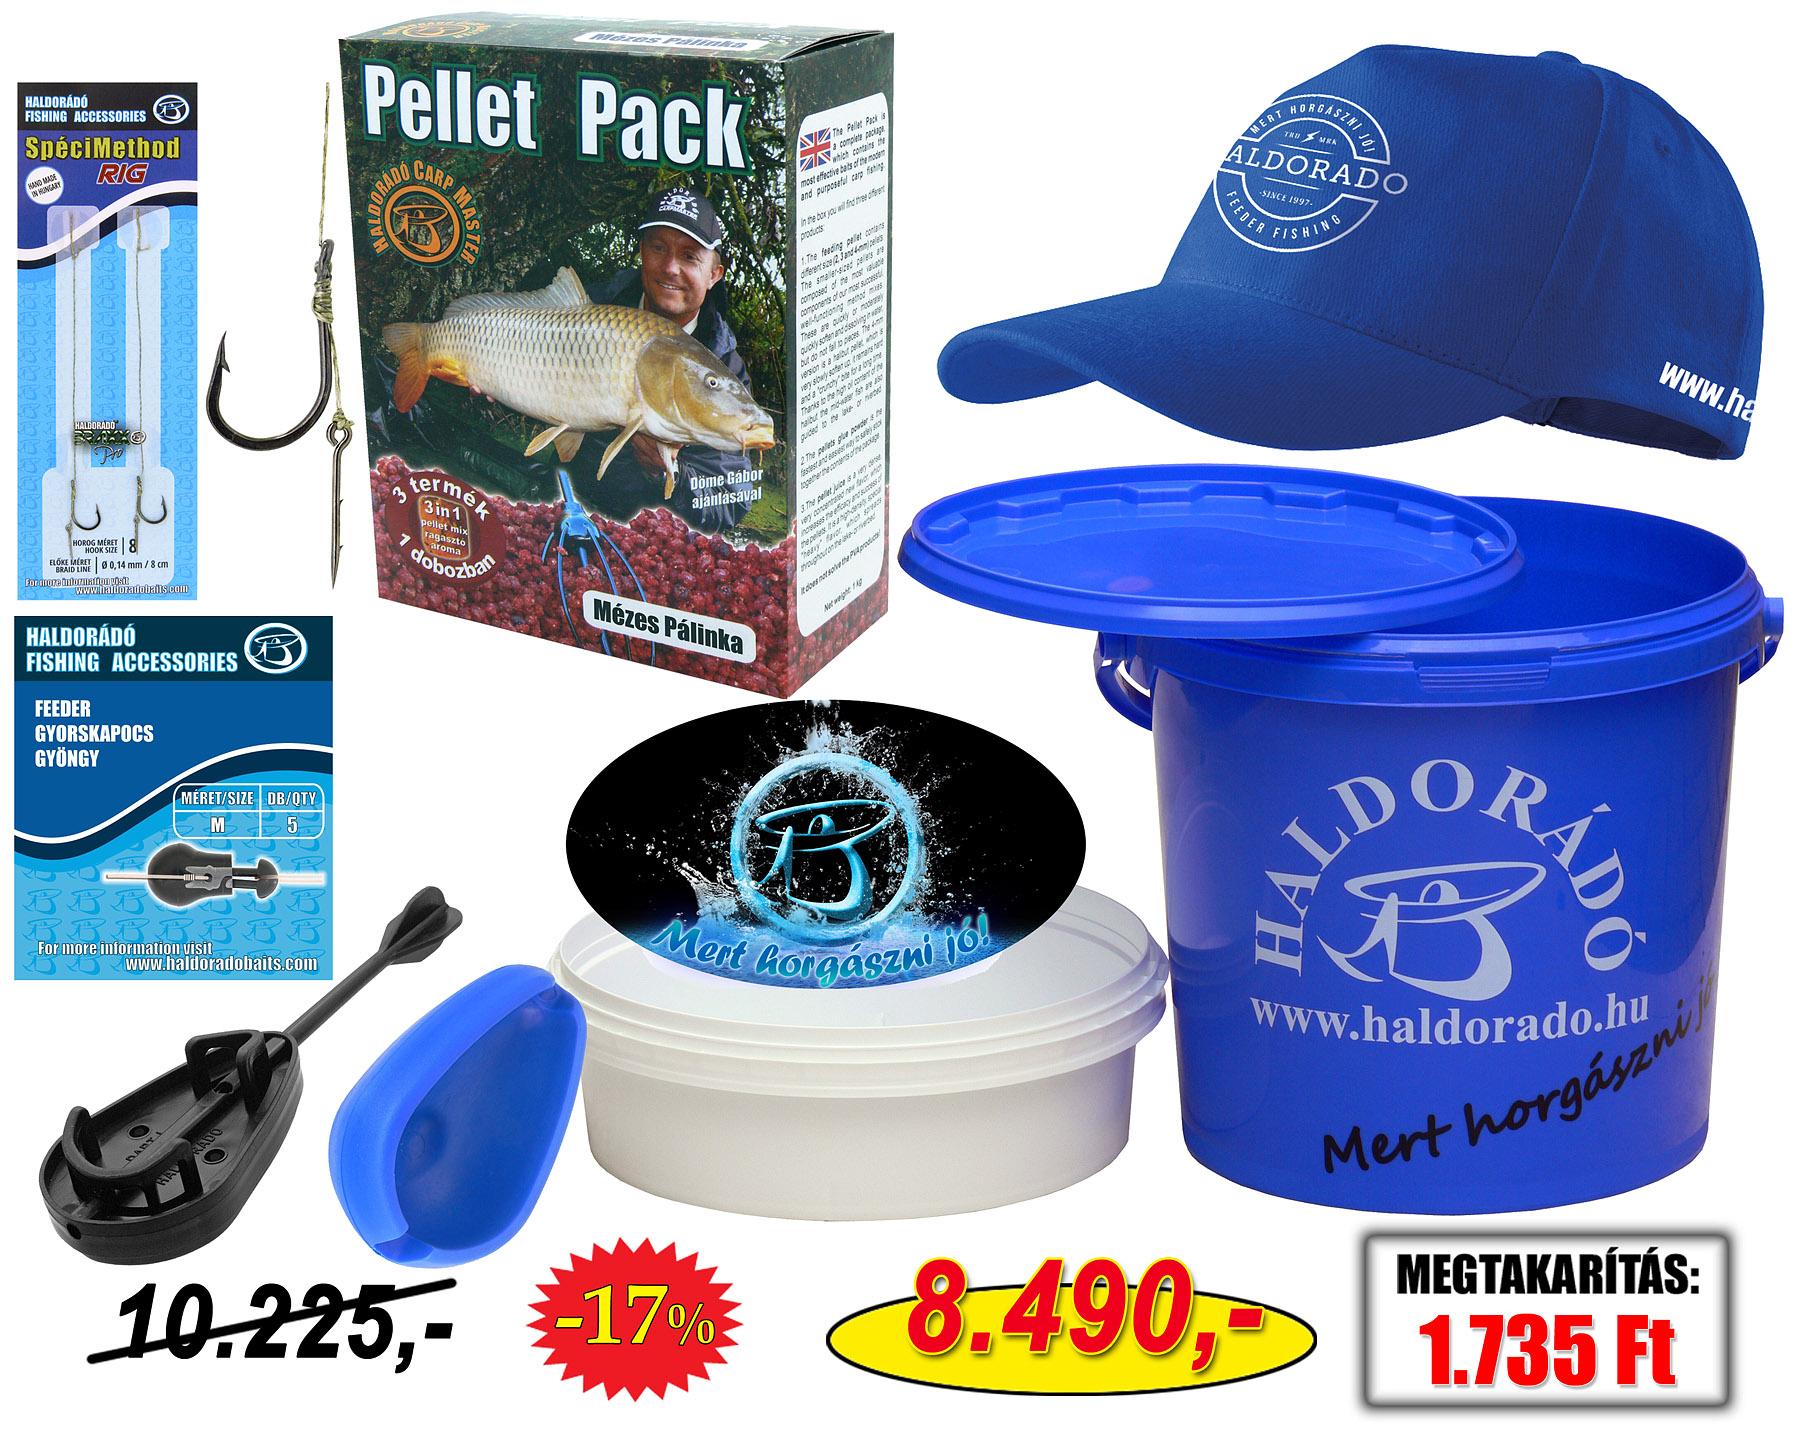 Ezt a csomagot gyermekek, illetve kezdő horgászok megajándékozásához állítottuk össze